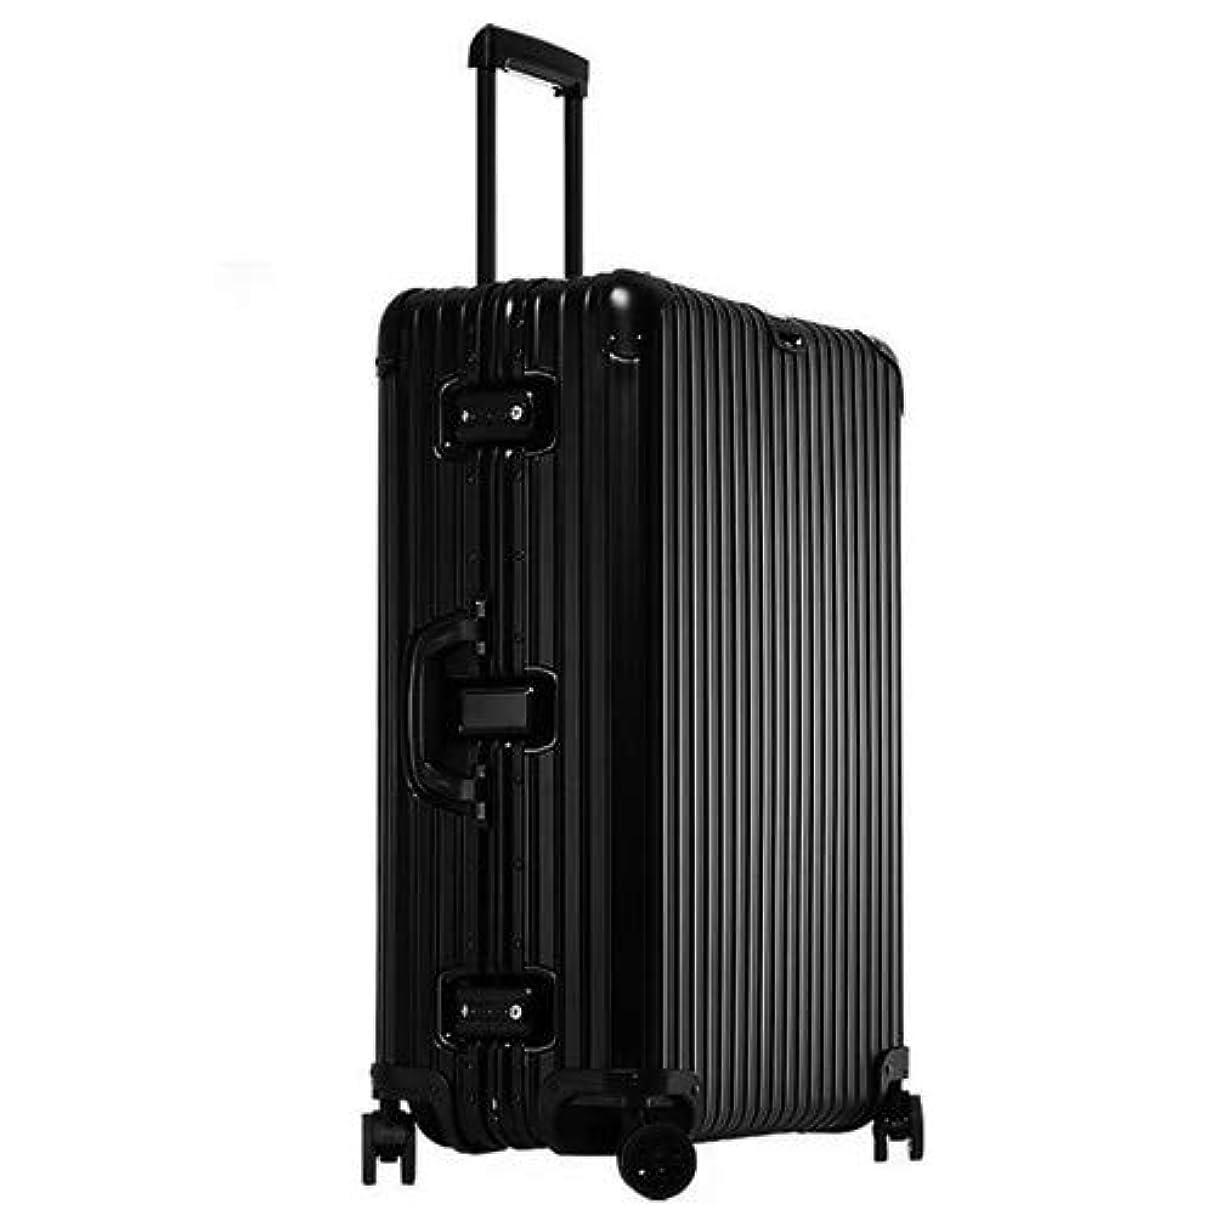 有彩色のテナントヘロインスーツケース (RXO) アルミ合金ボディ マット加工 耐食耐久 軽量 無段階調節 キャリーケース 出張 旅行 機内持ち込み可 大容量 TSAロック 静音8輪 日本語取扱説明書